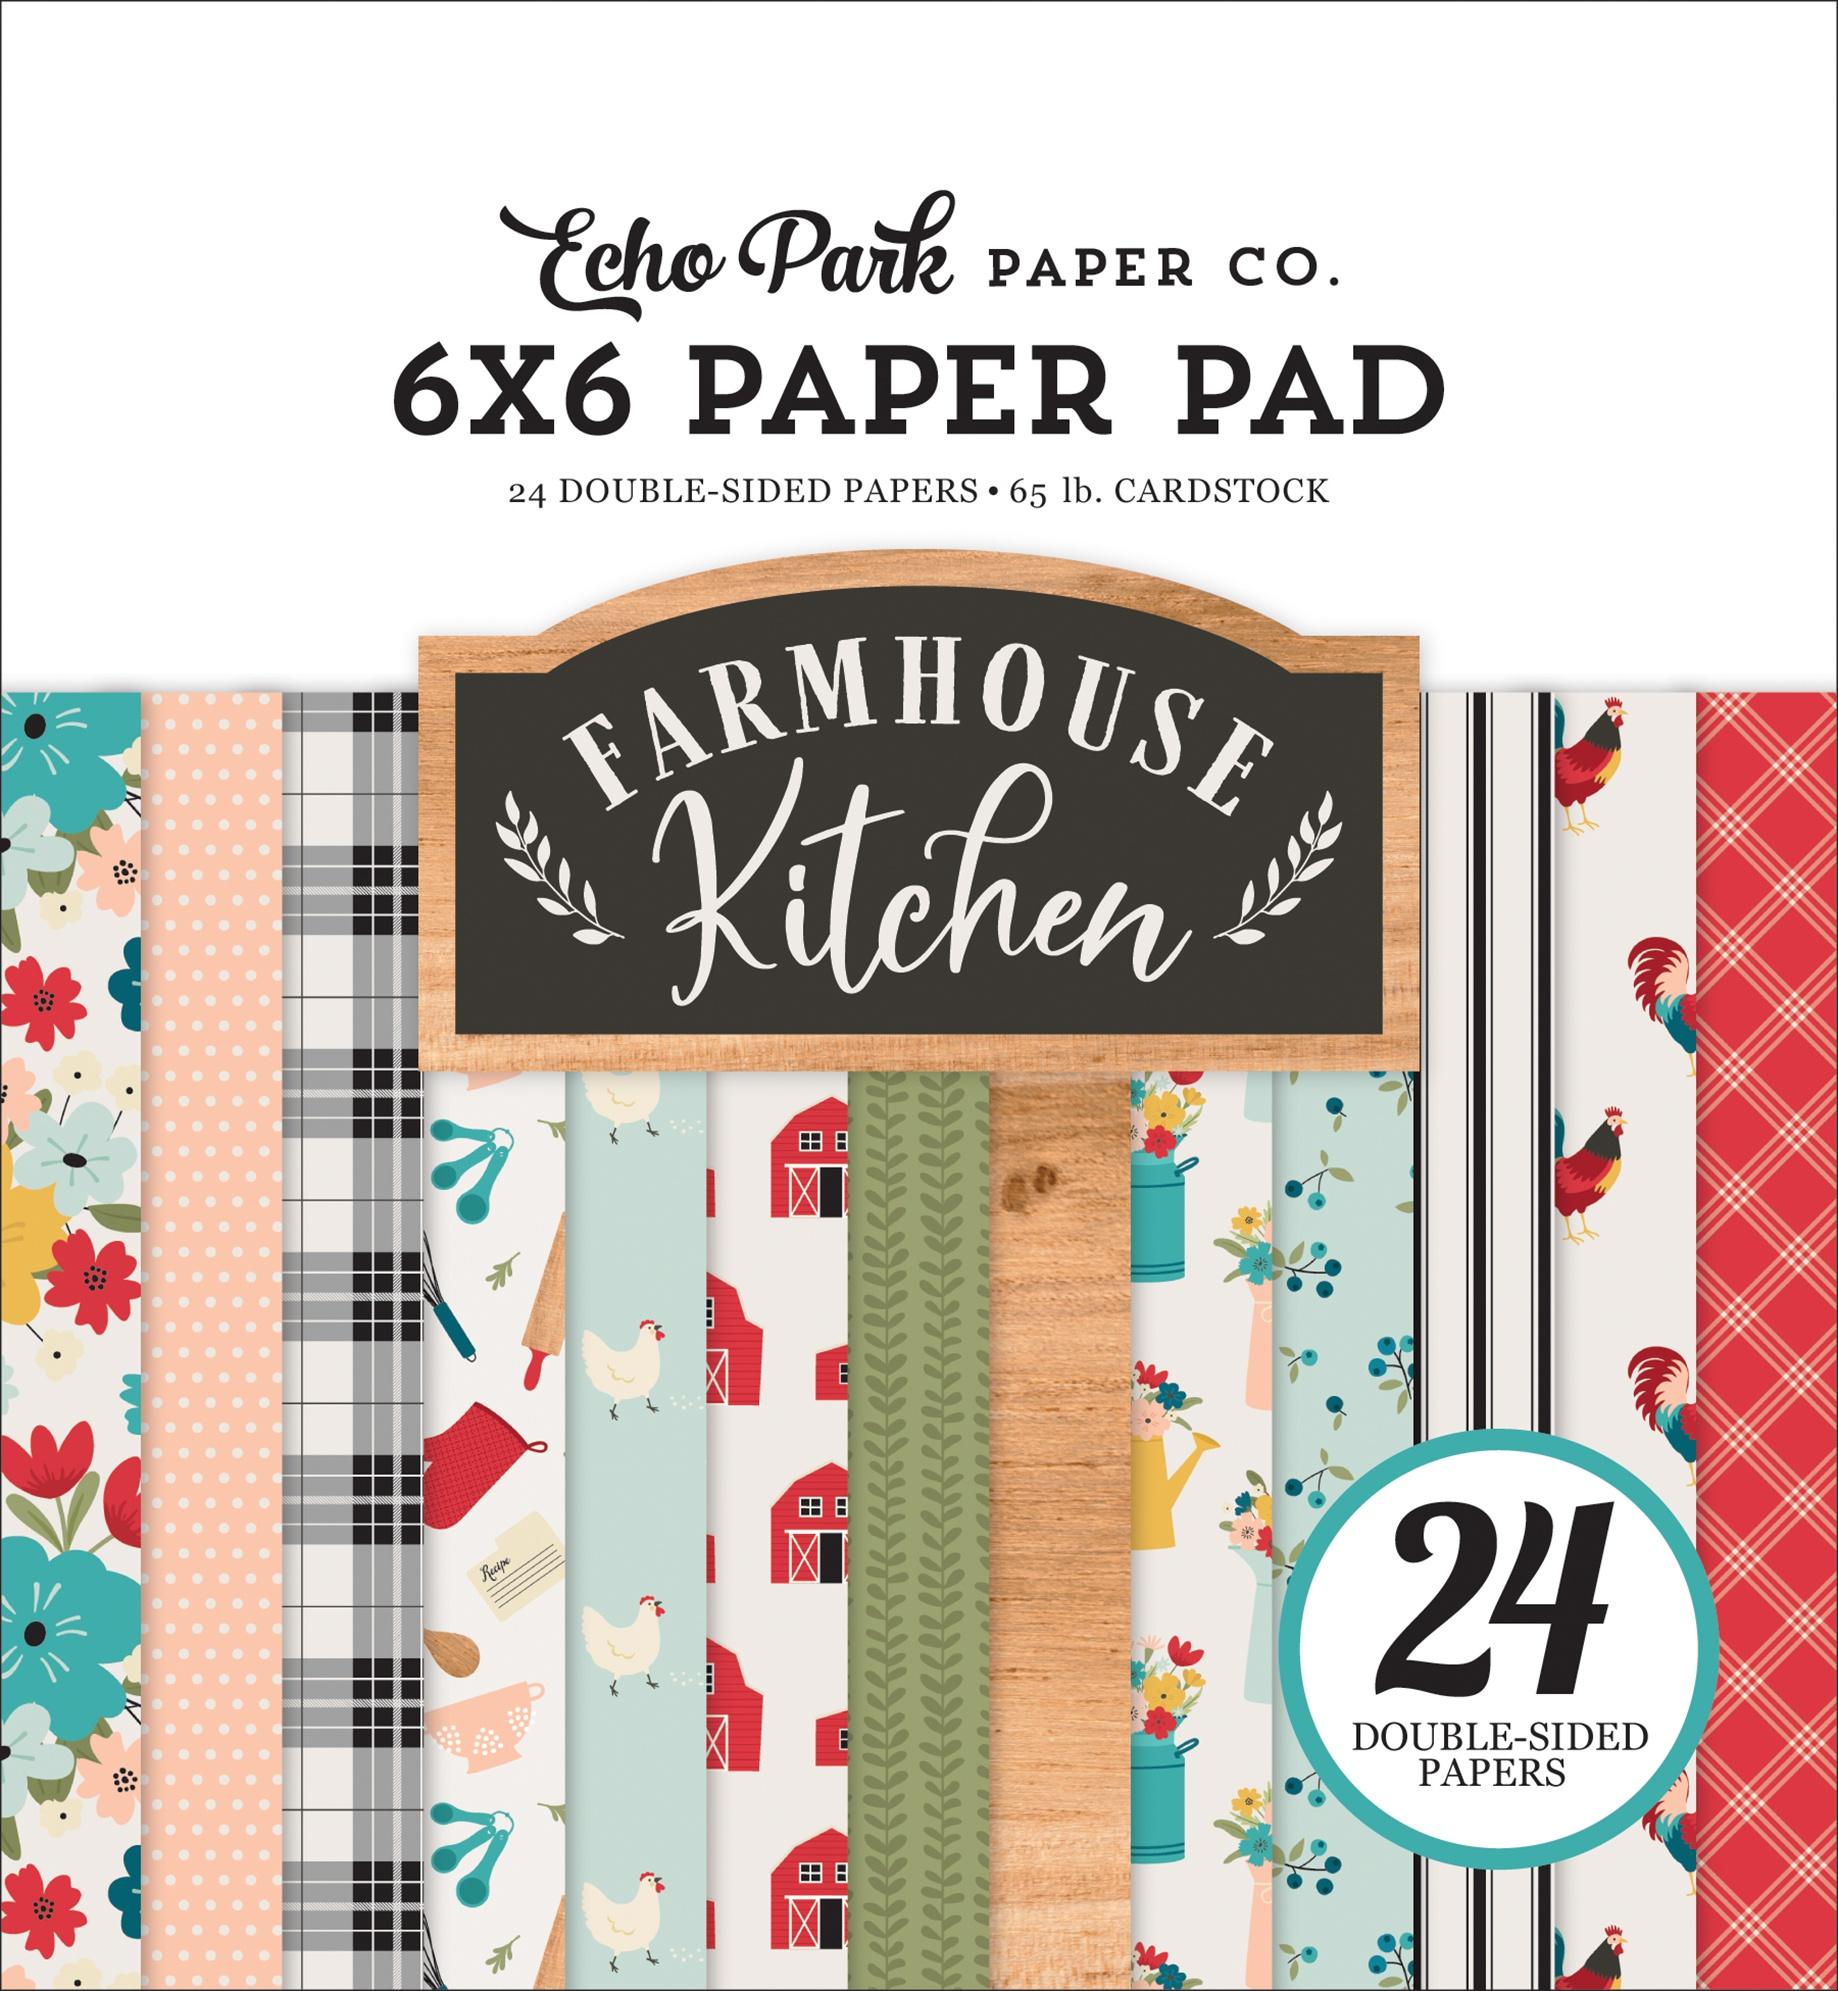 Farmhouse Kitchen 6X6 Pad